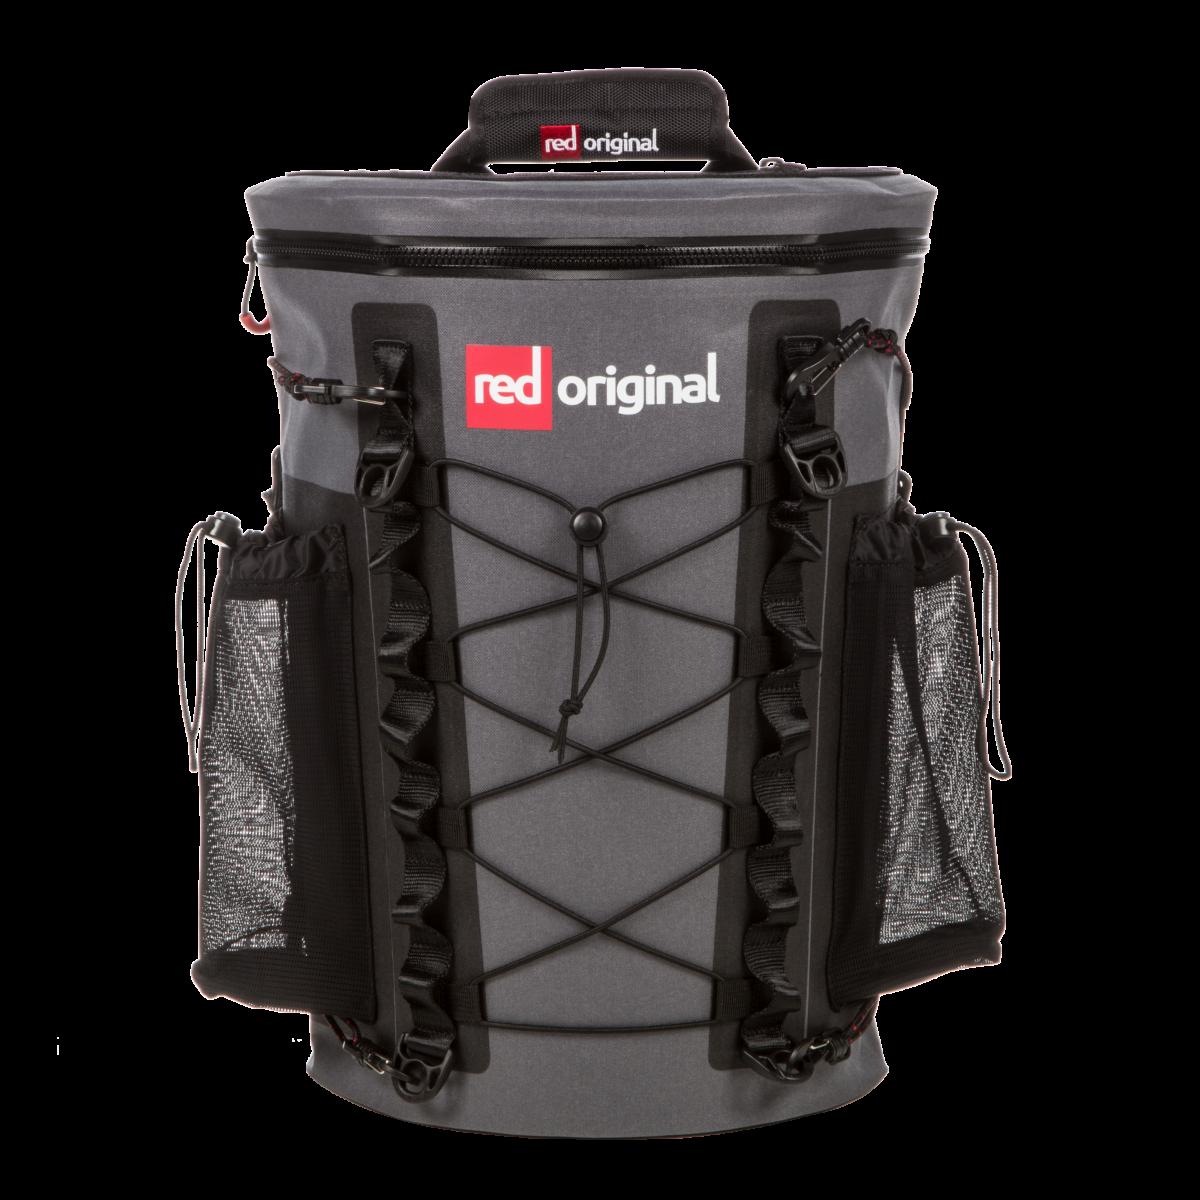 Red Original Deck Bag Front (1)